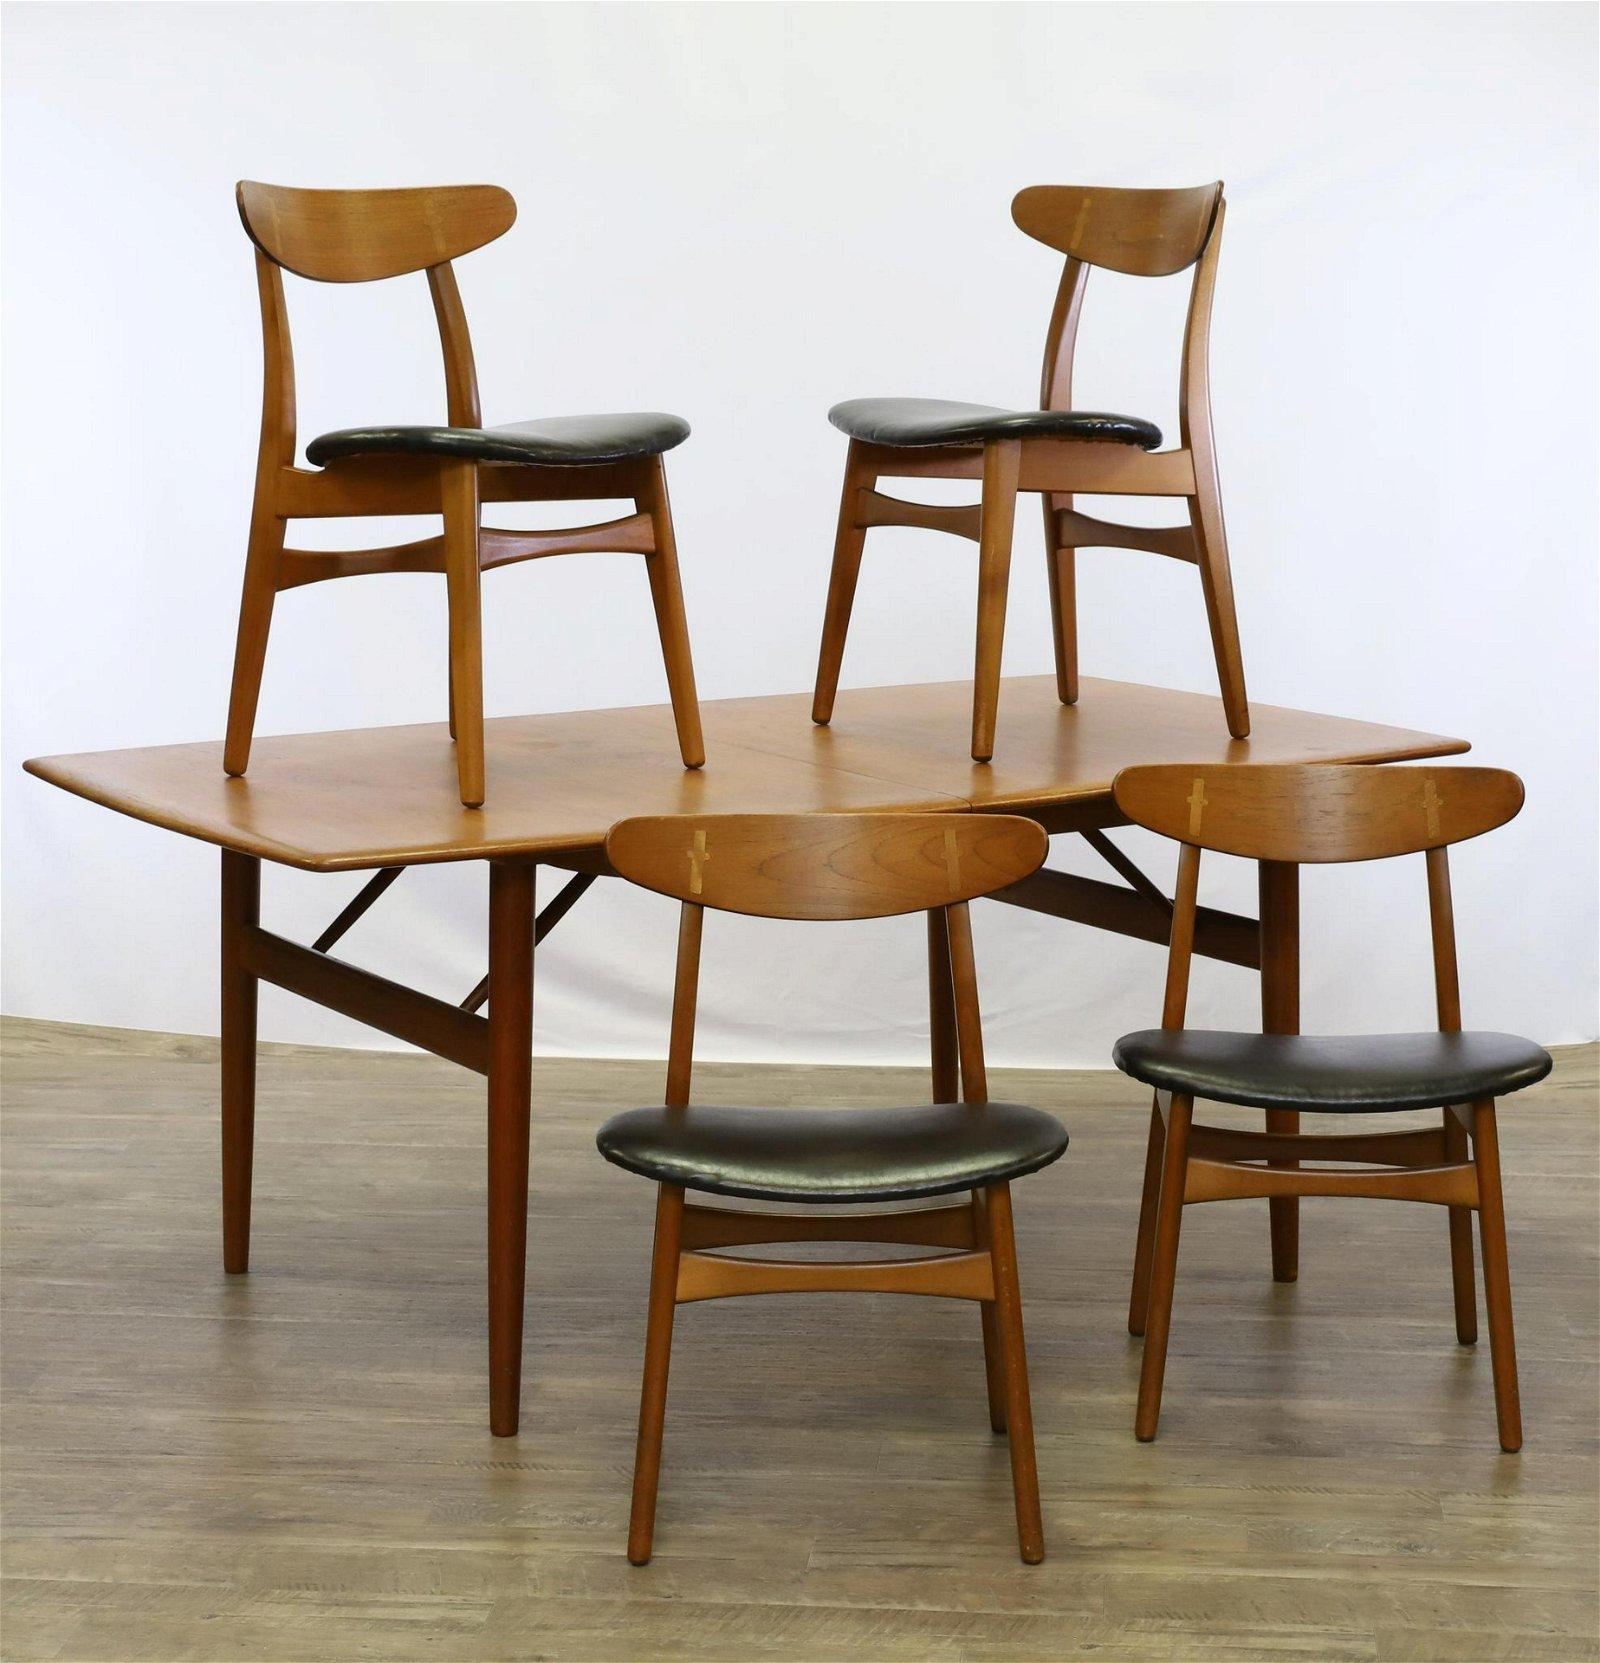 Hans J. Wegner for Carl Hansen Danish Dining Suite